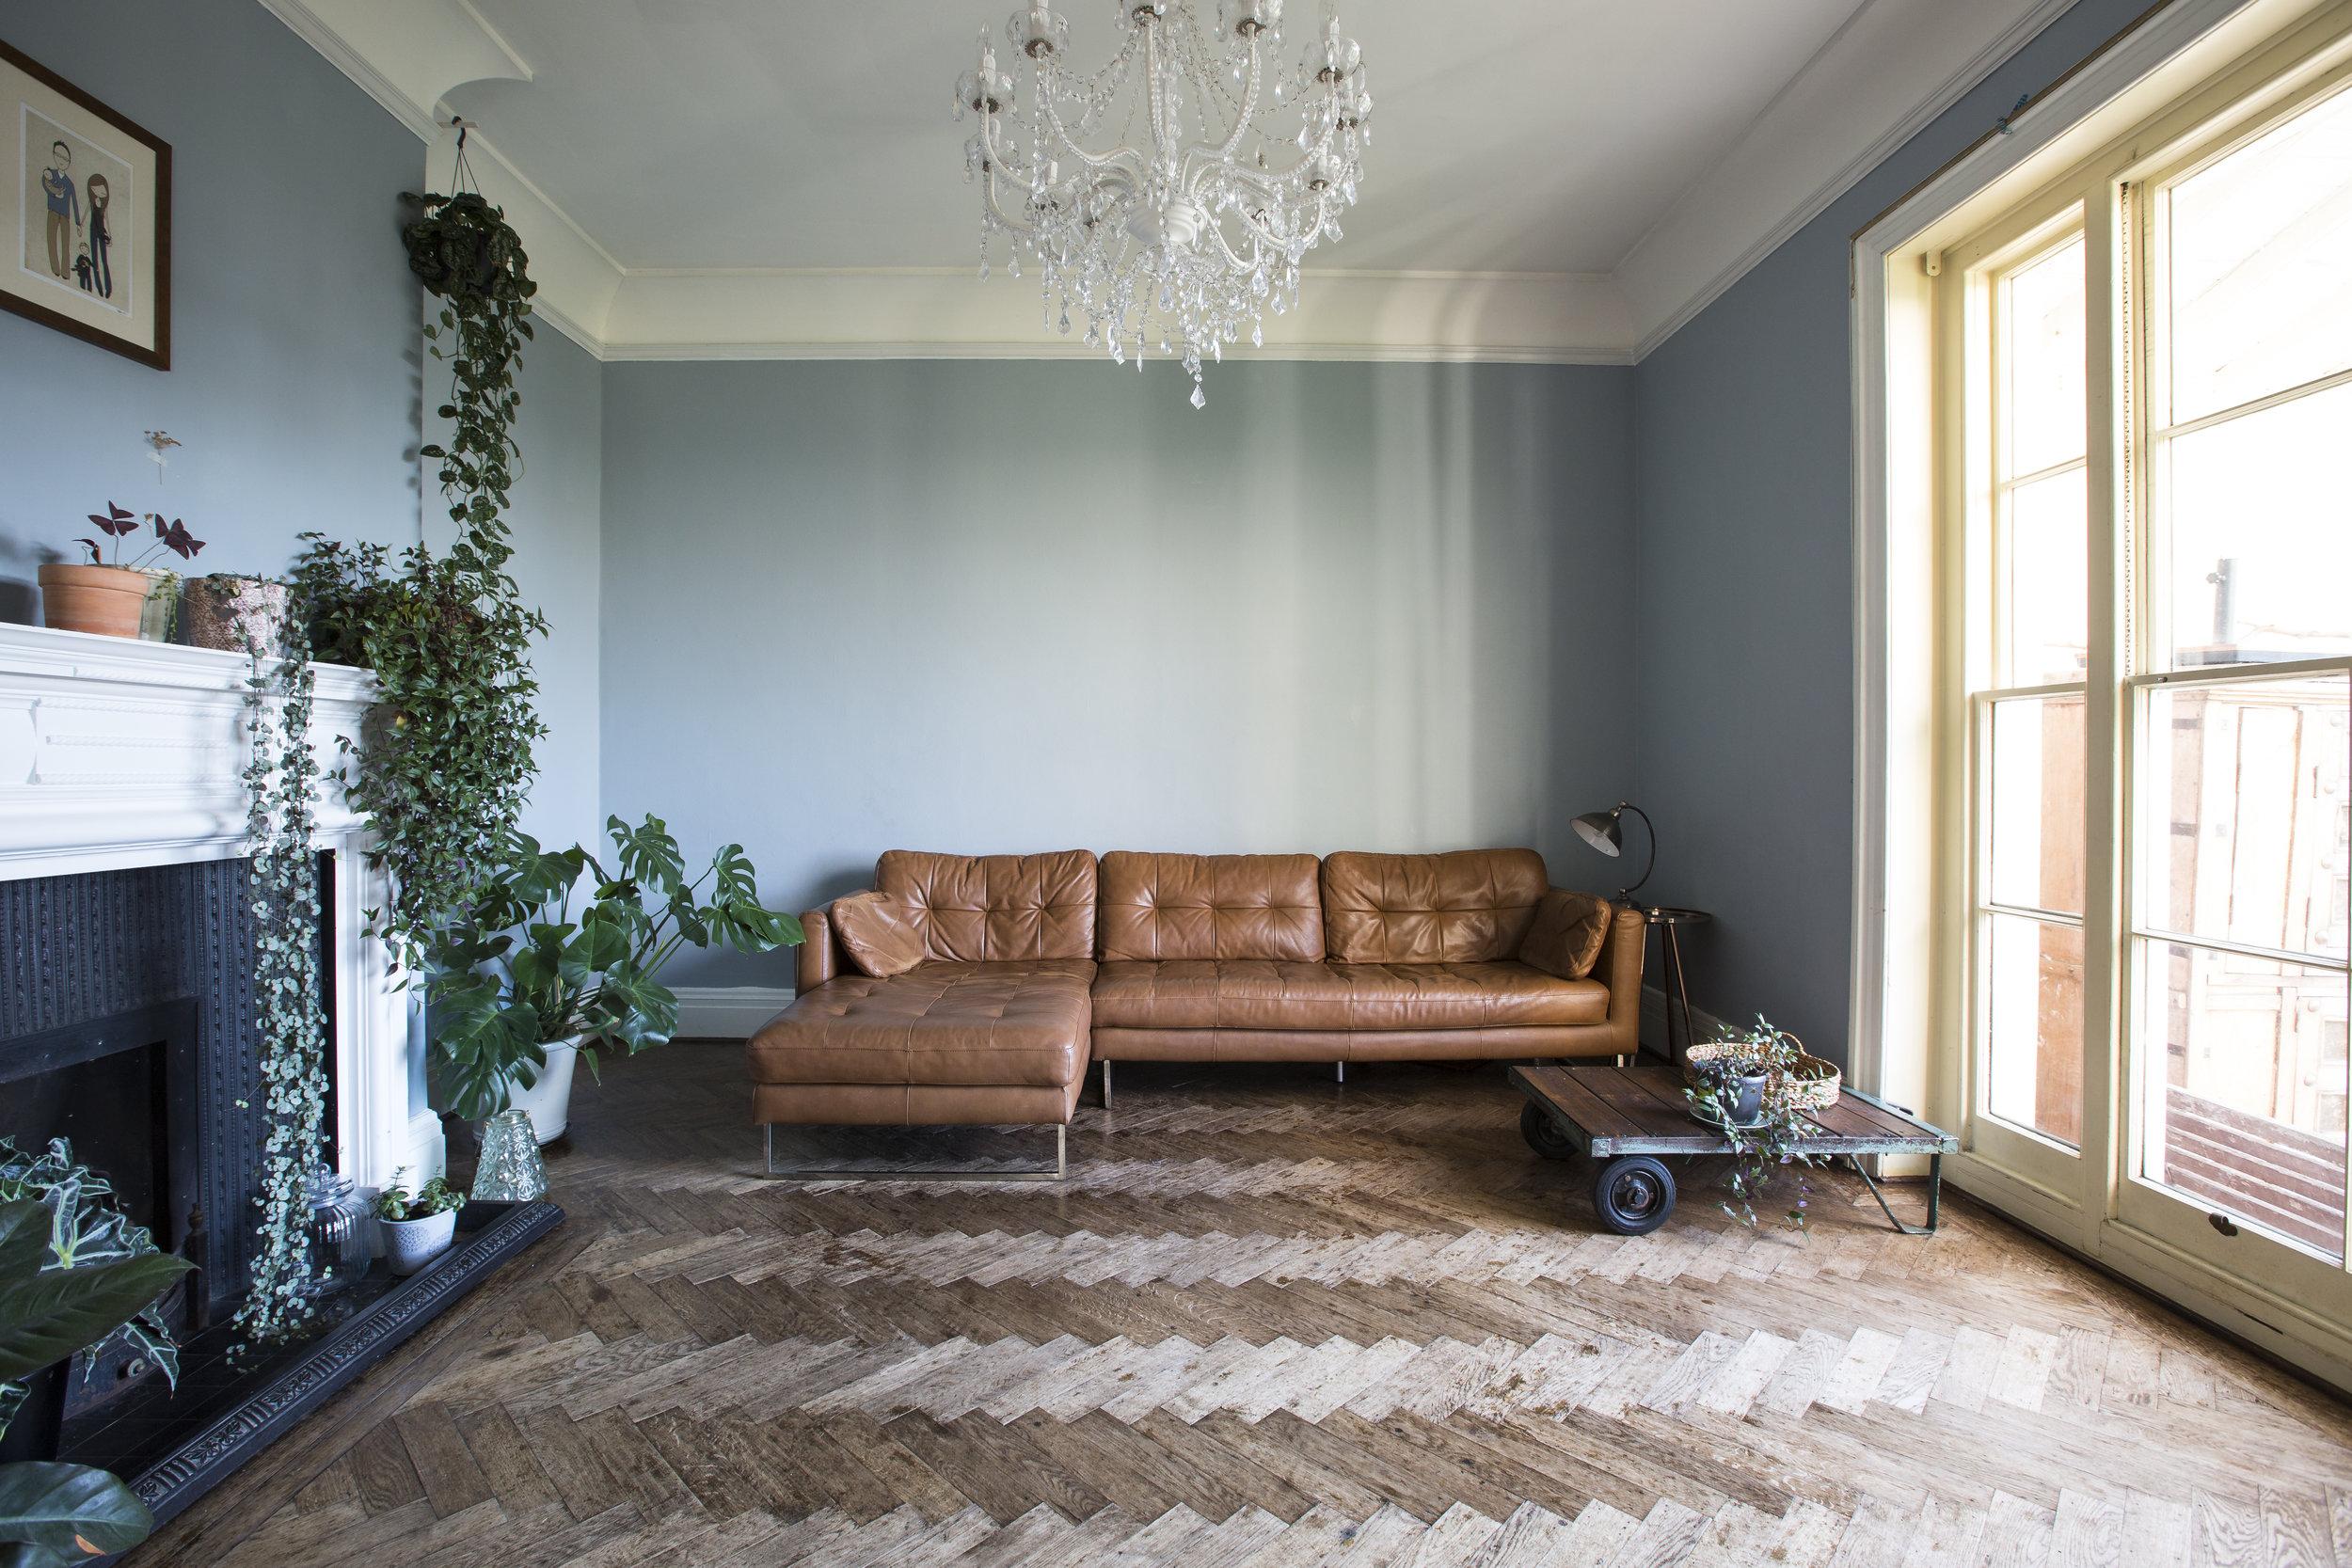 Uplands West Living Room_01.JPG